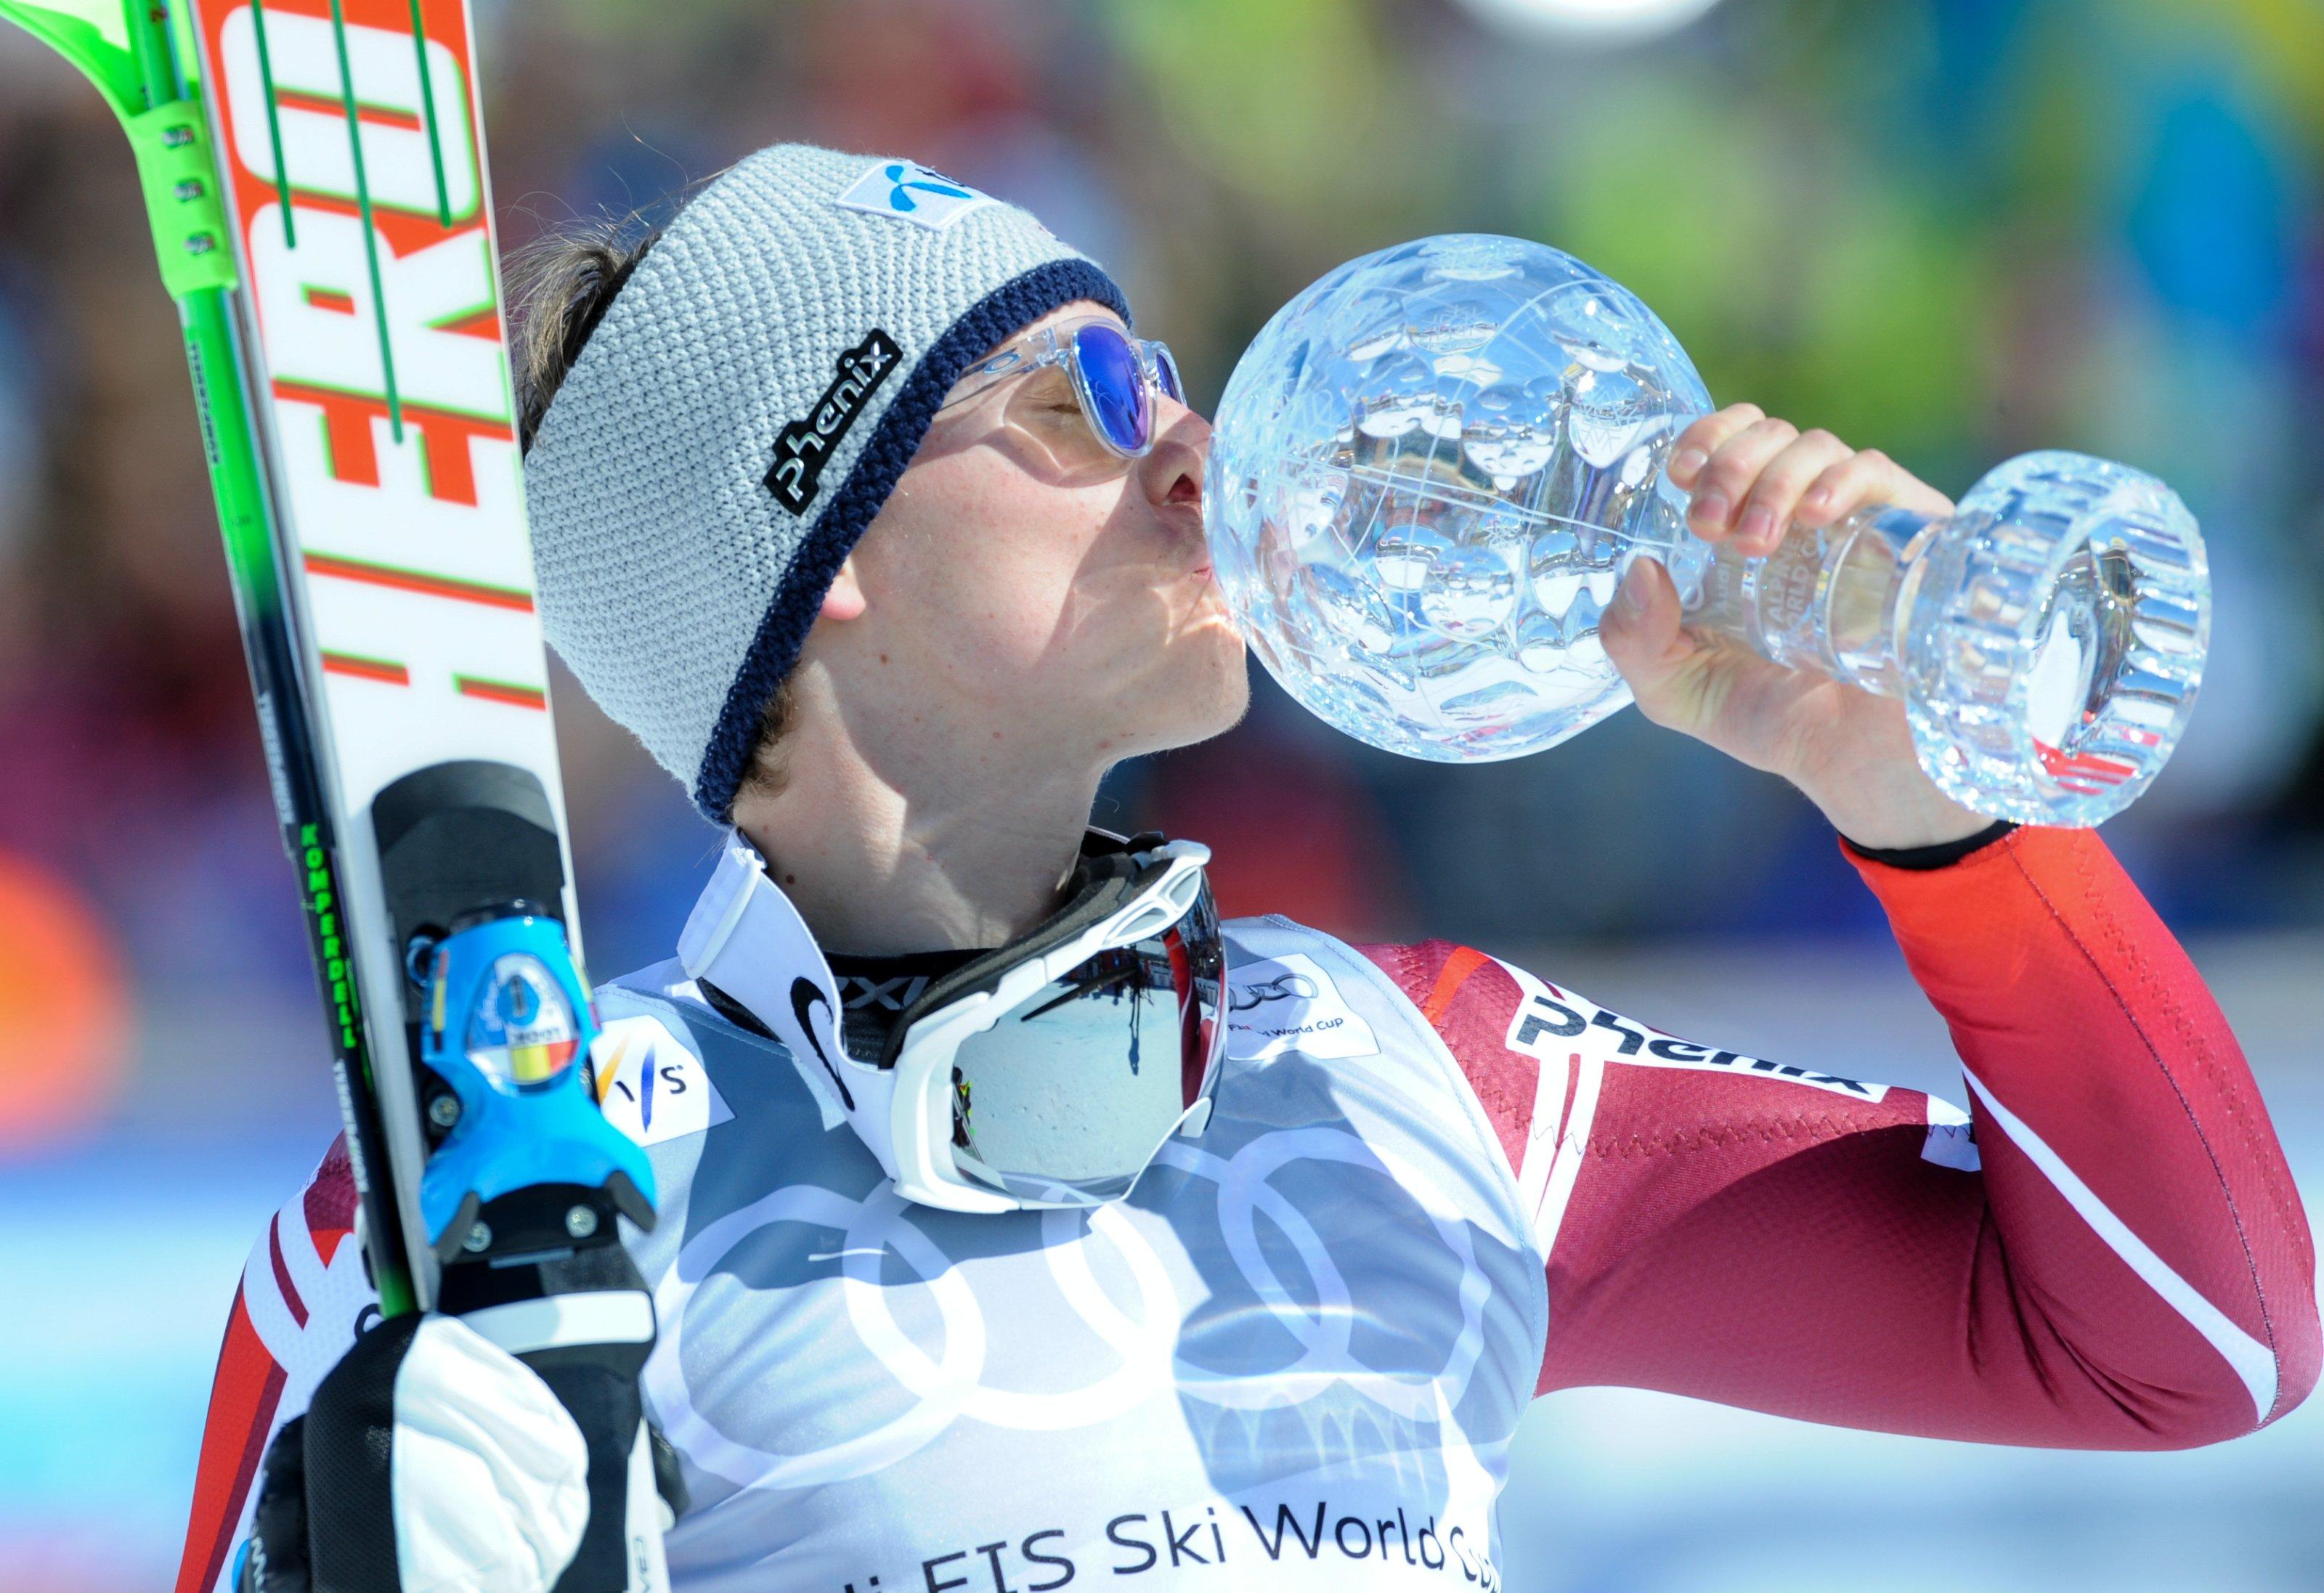 Henrik Kristoffersen con el único Globo que ha ganado, el de slalom 2016-2016. FOTO: Redbuell Content Pool